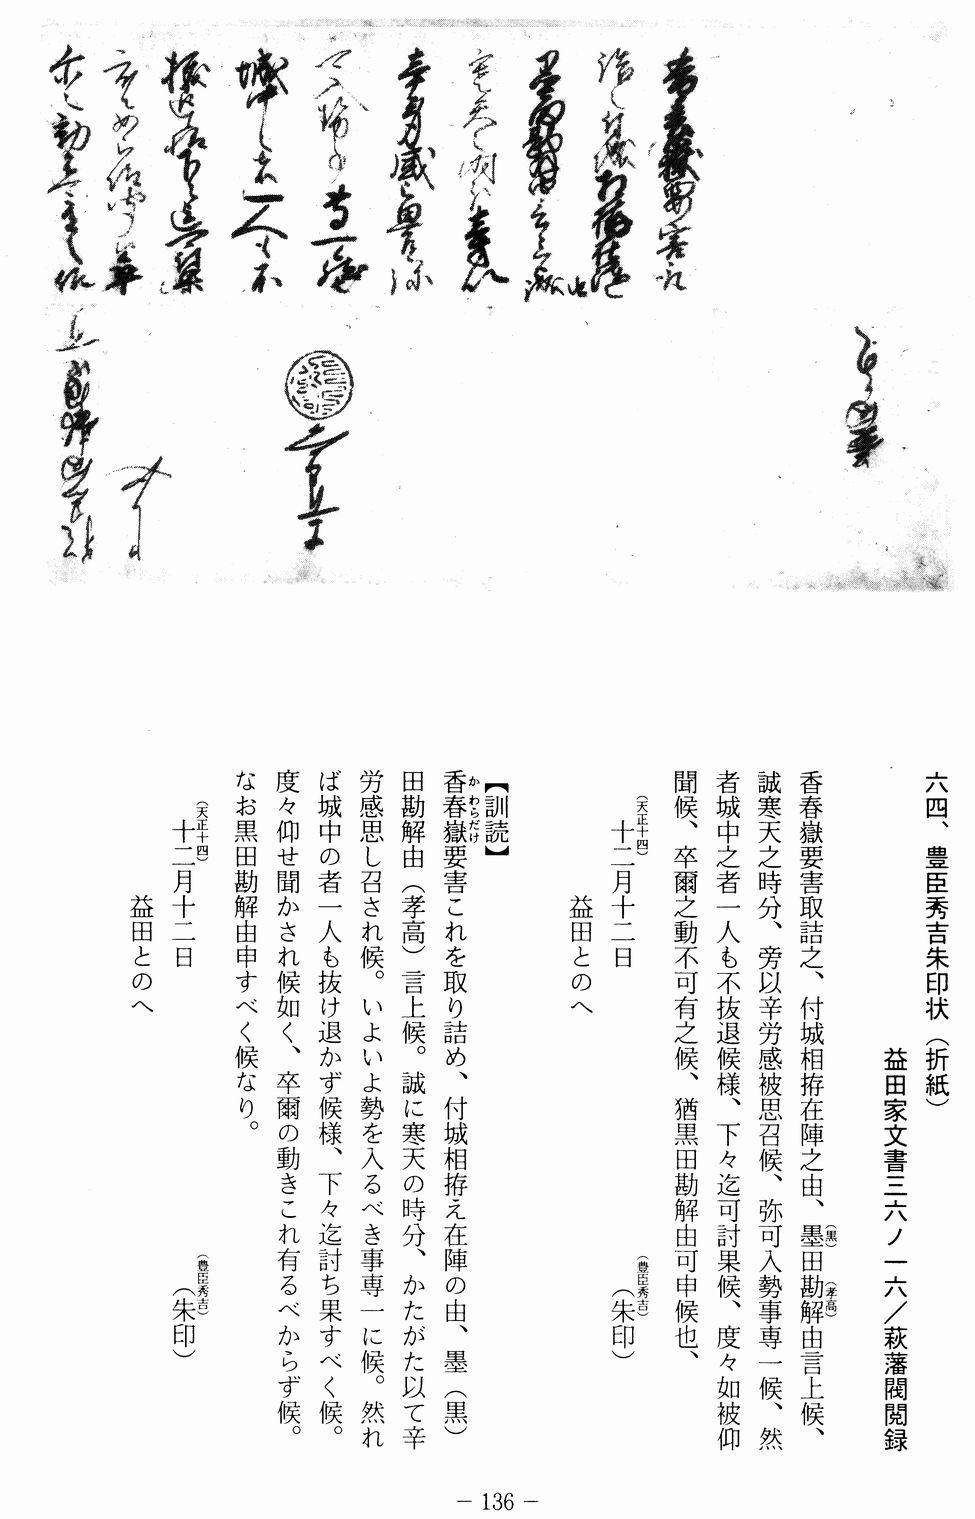 136_秀吉朱印状